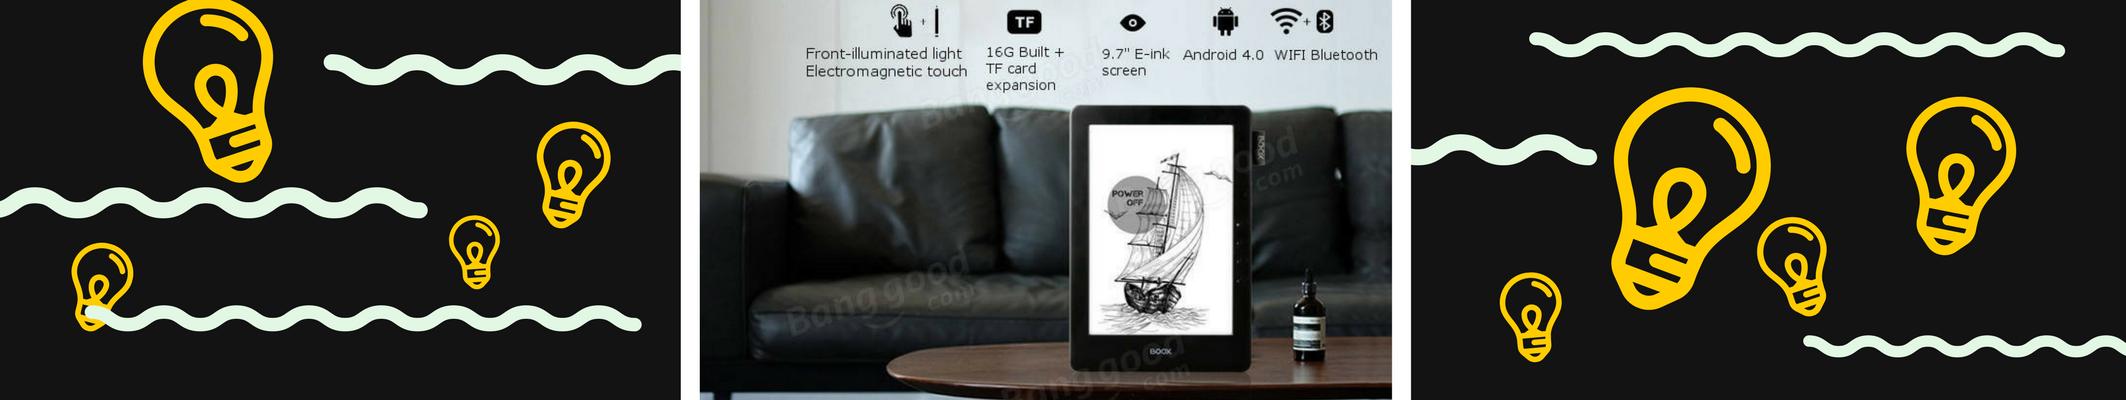 ONYX BOOX N96ML 9.7″ Carta to czytnik e-booków z przednim oświetleniem i rysikiem dotykowym.